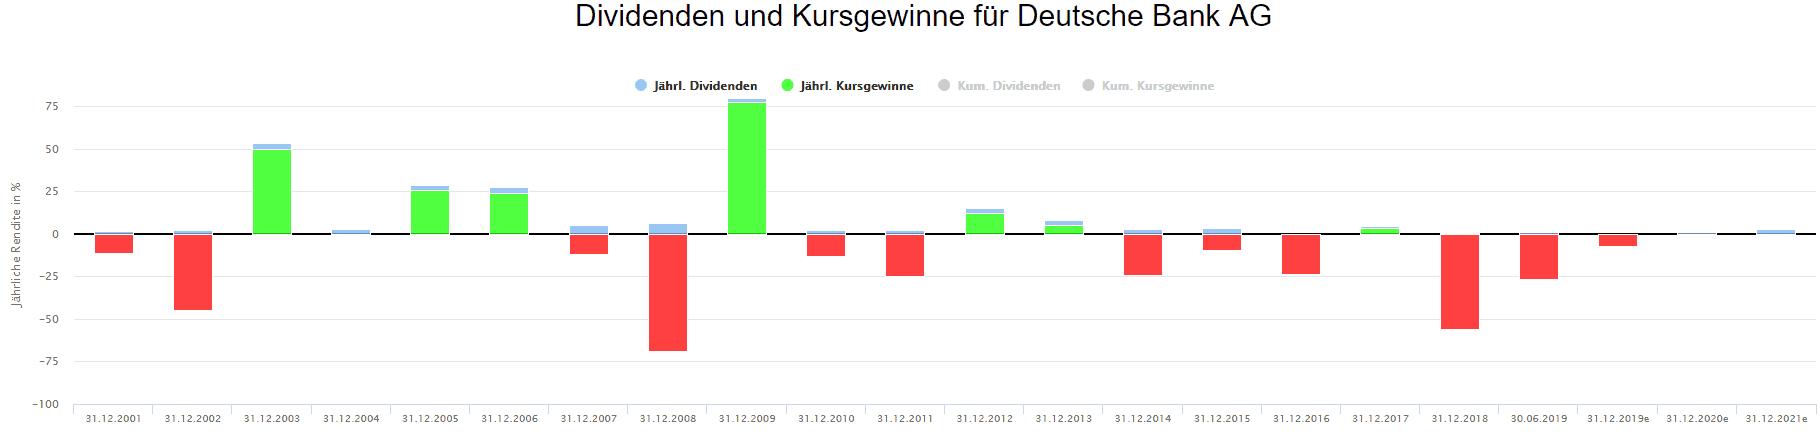 Performance der Deutsche Bank Aktie auf Jahresbasis (Quelle: Aktienfinder.Net)